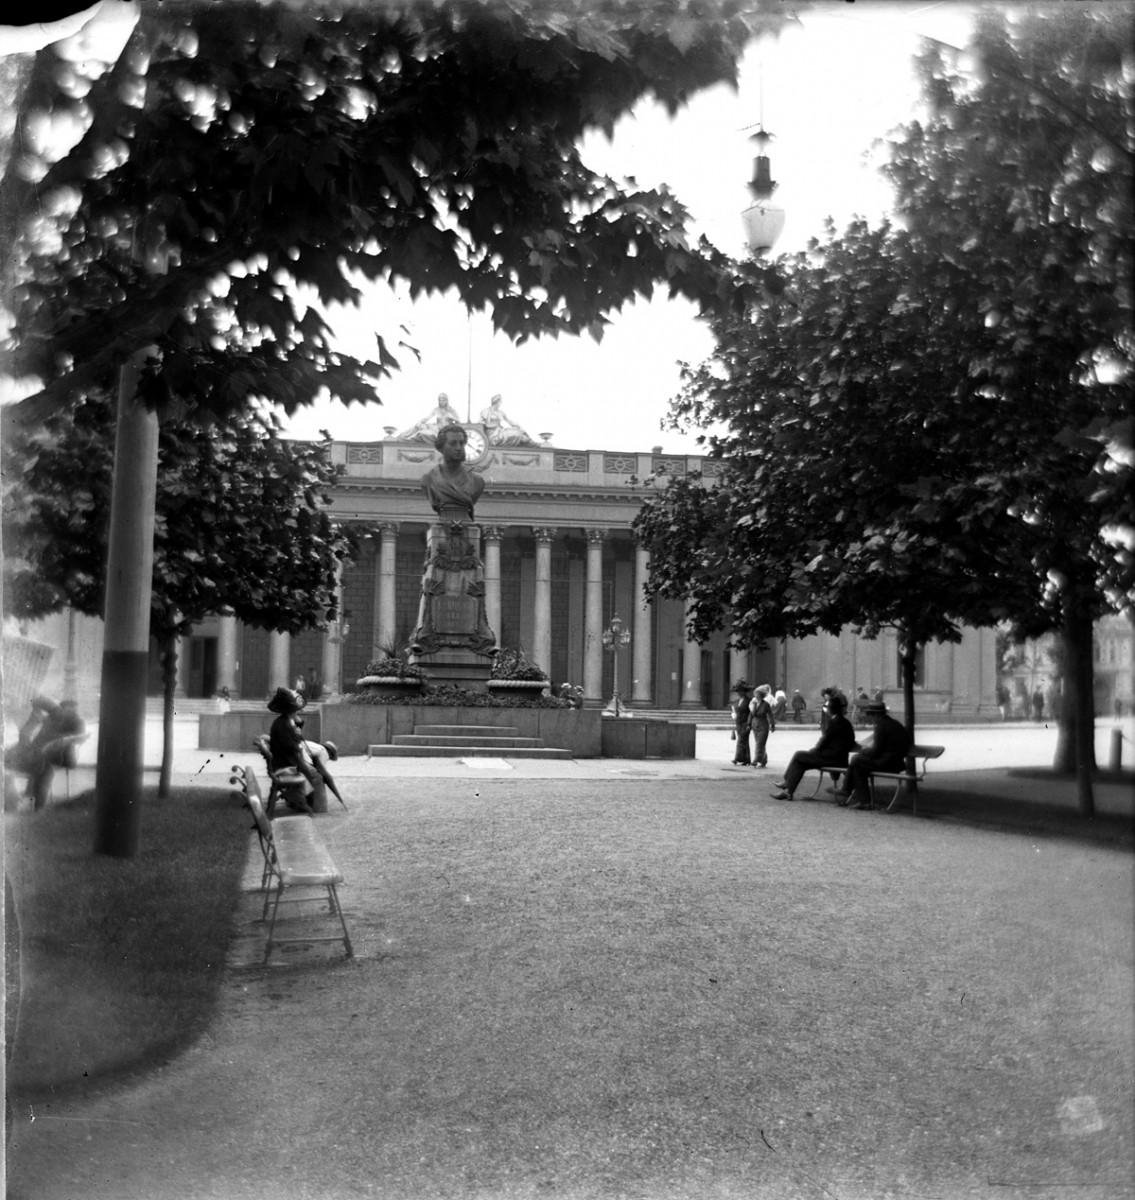 Одесса, Приморский бульвар, памятник Пушкину, сзади здание мэрии. Открыт 16 апреля 1889 г